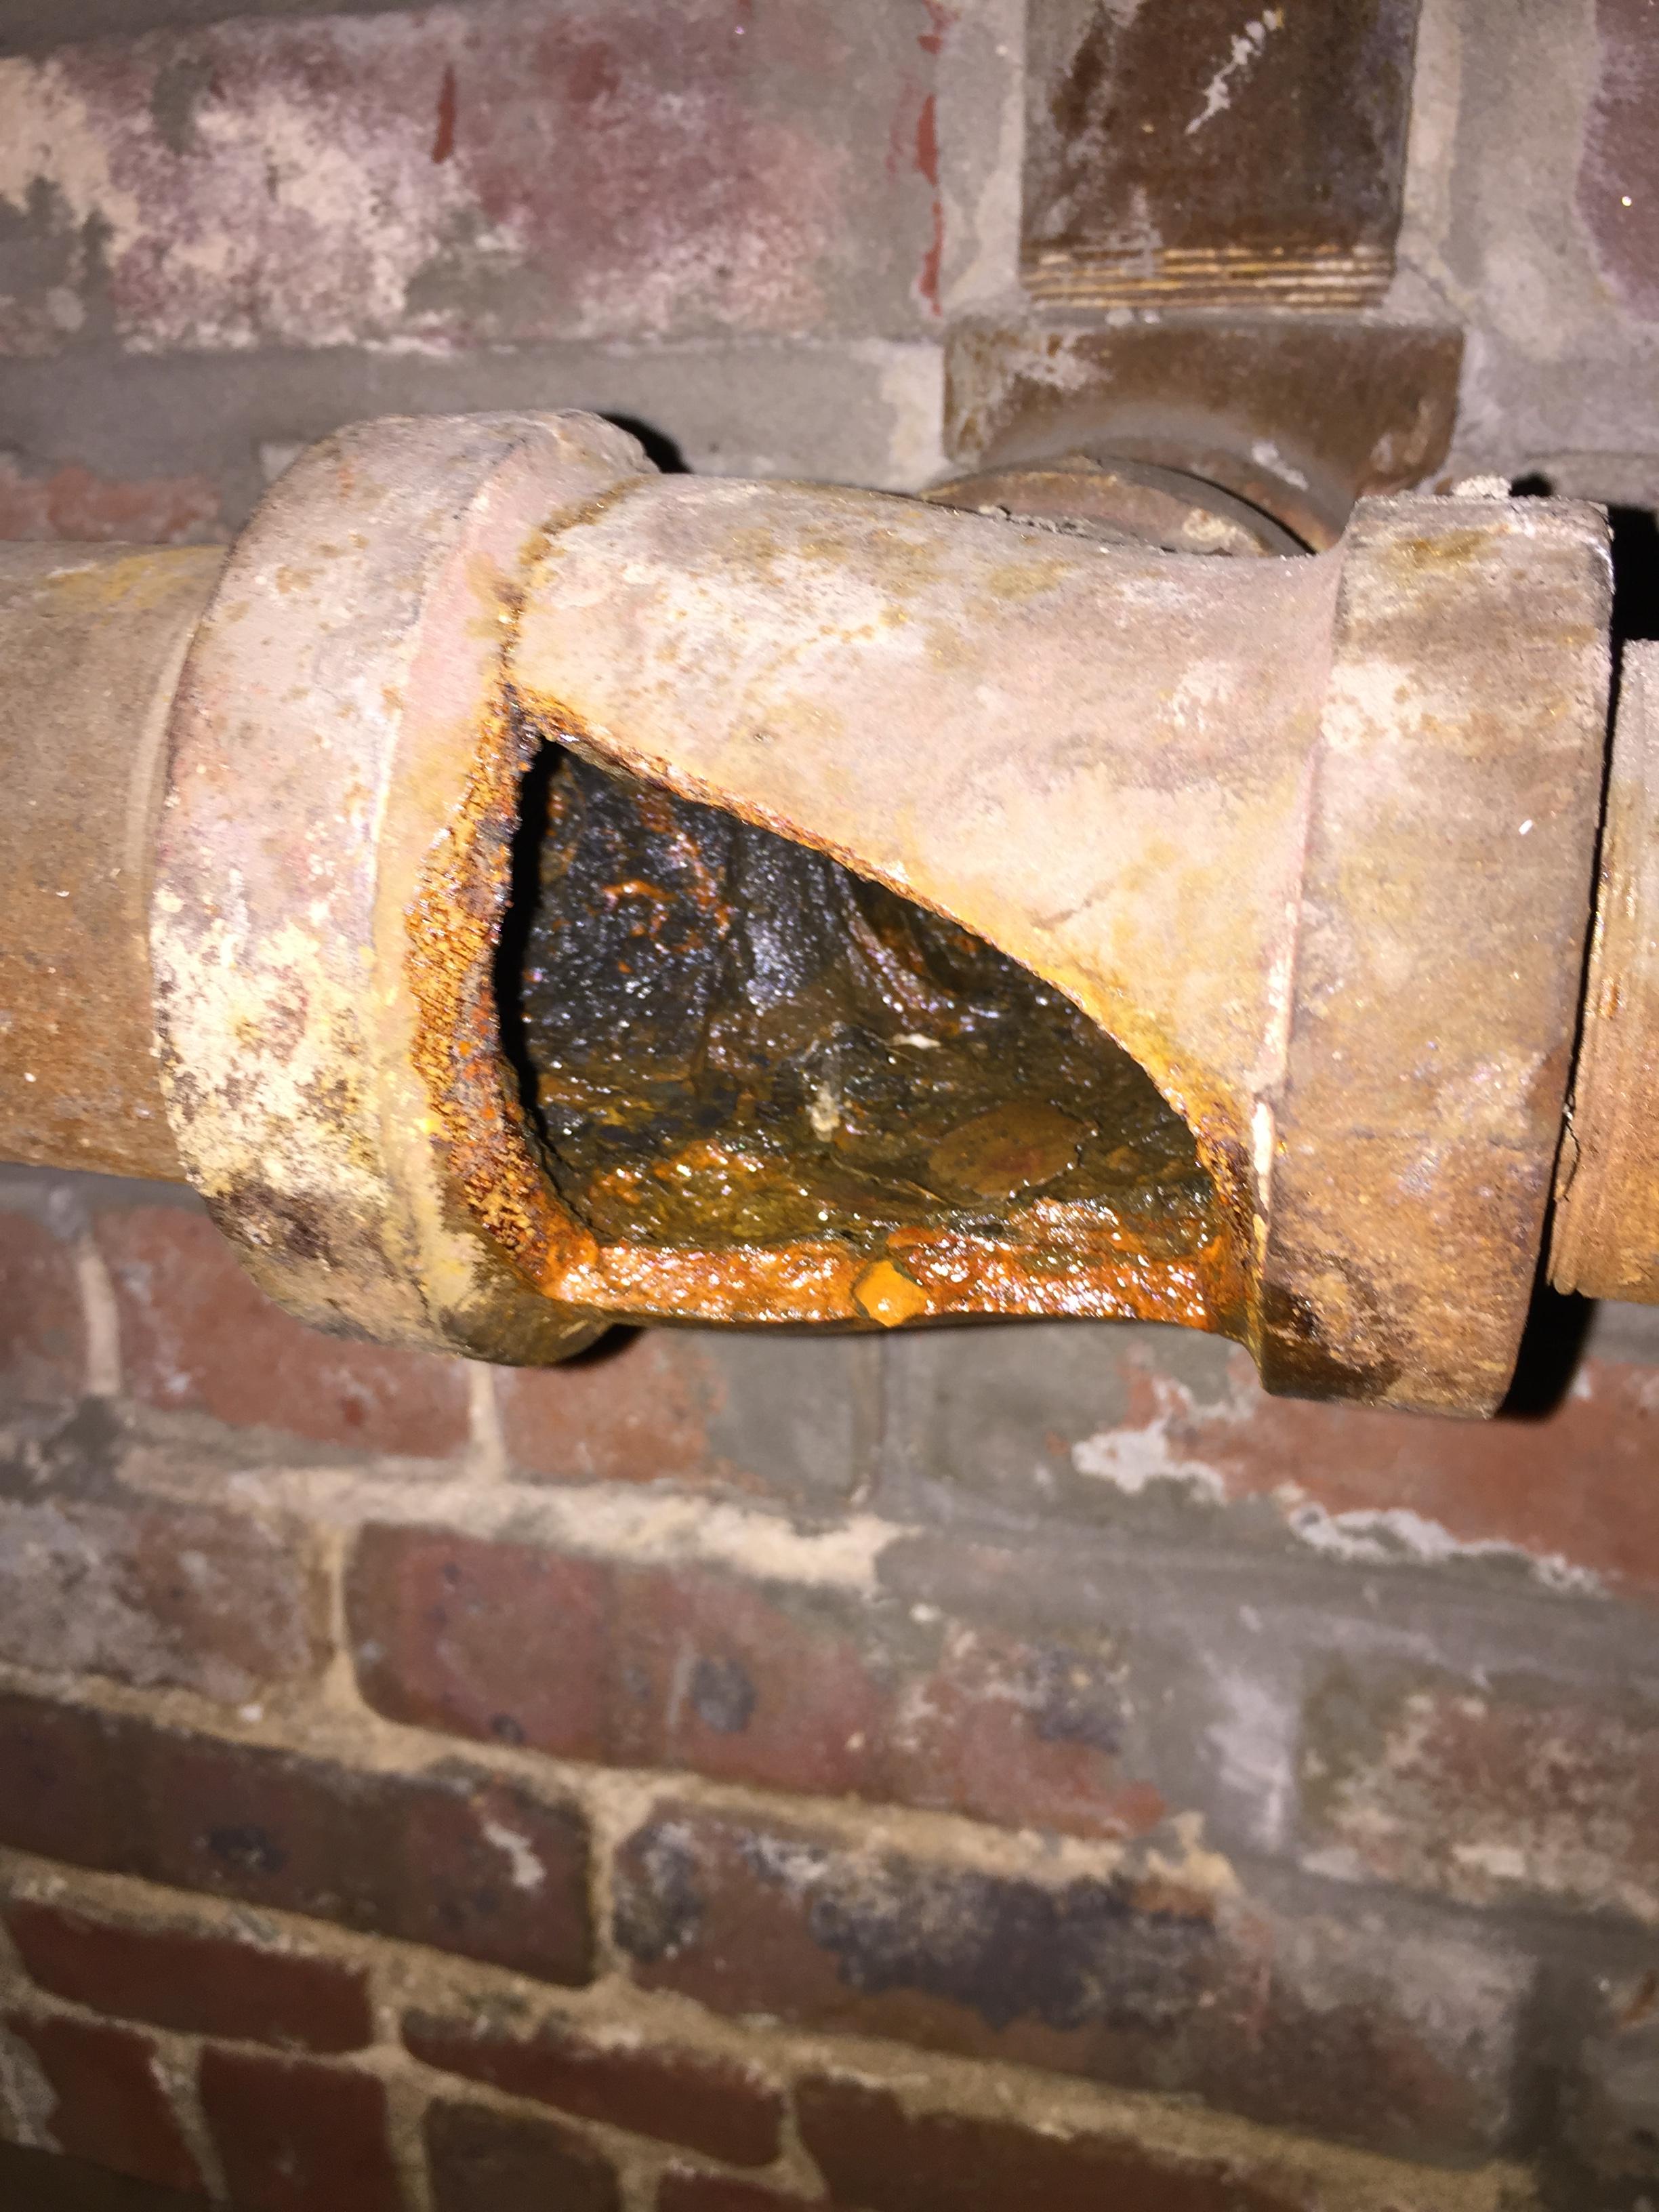 Sprinkler System Pipe Breach